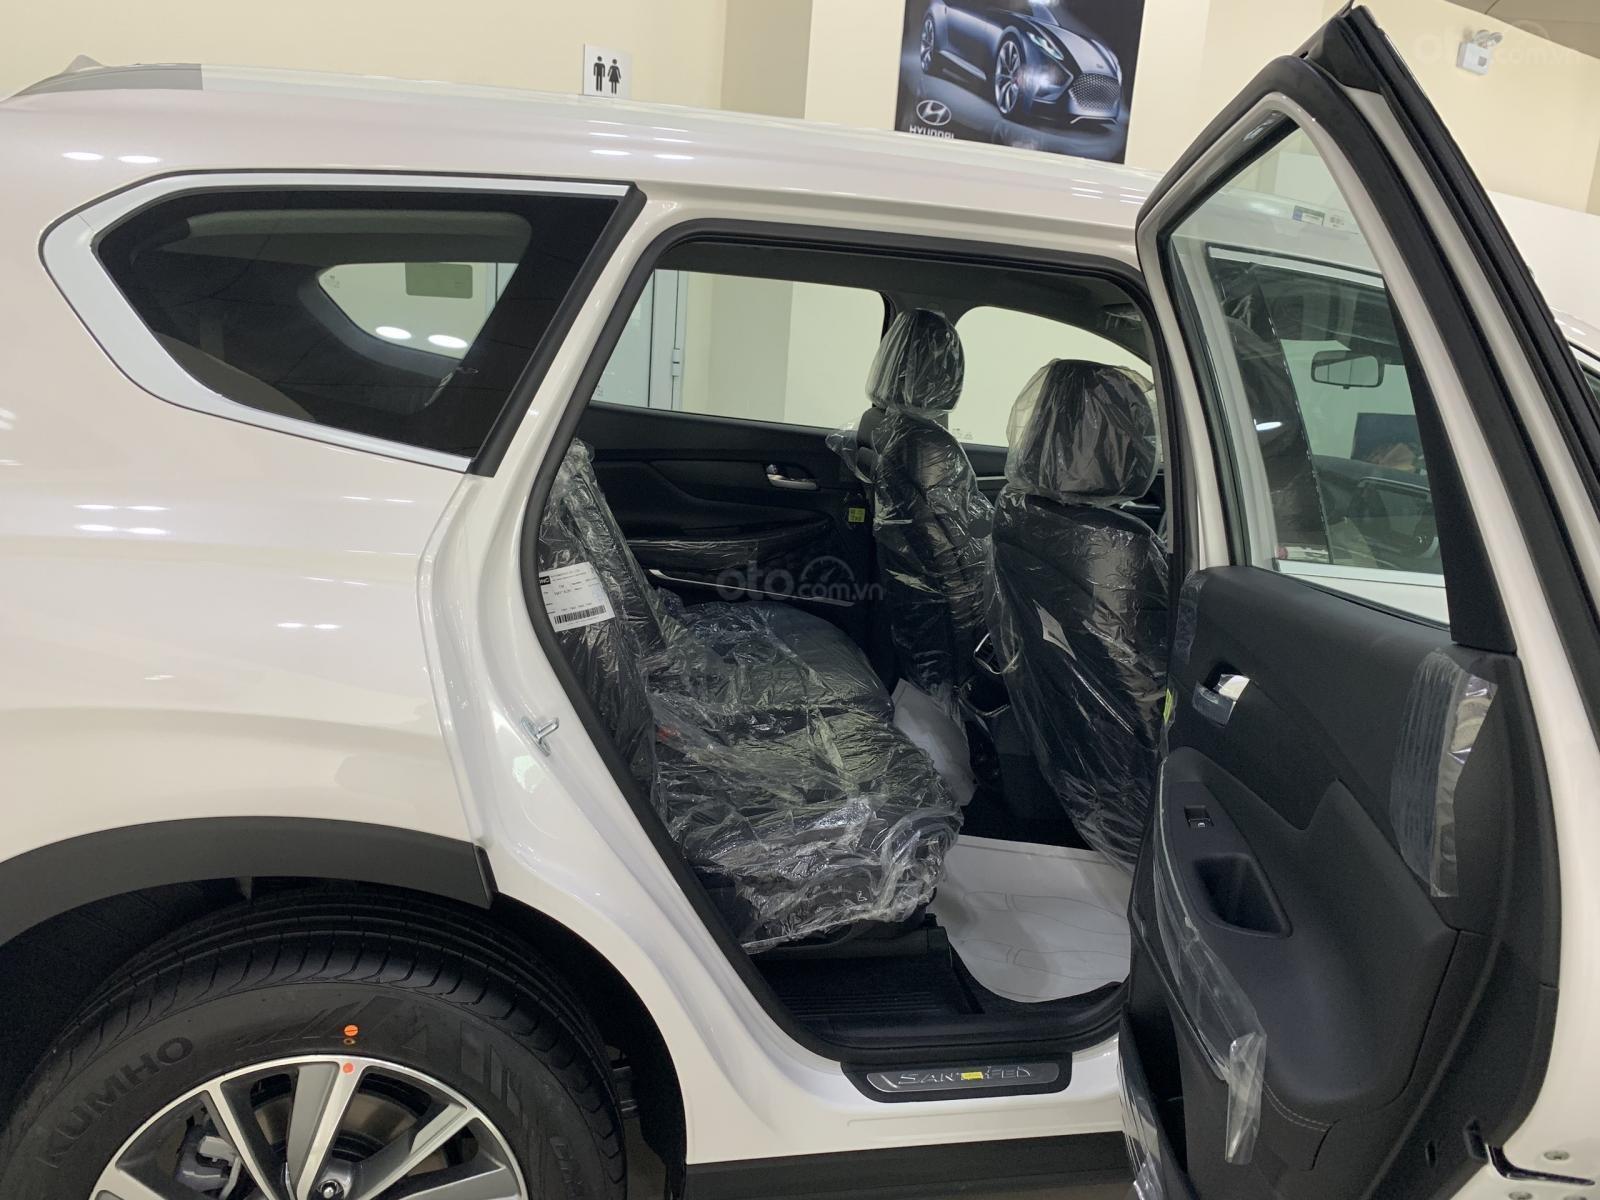 Bán xe Hyundai Santa Fe đời 2019, hỗ trợ mua trả góp lên tới 85% giá trị xe, có xe giao ngay. LH ngay 086.24.42.688 (6)